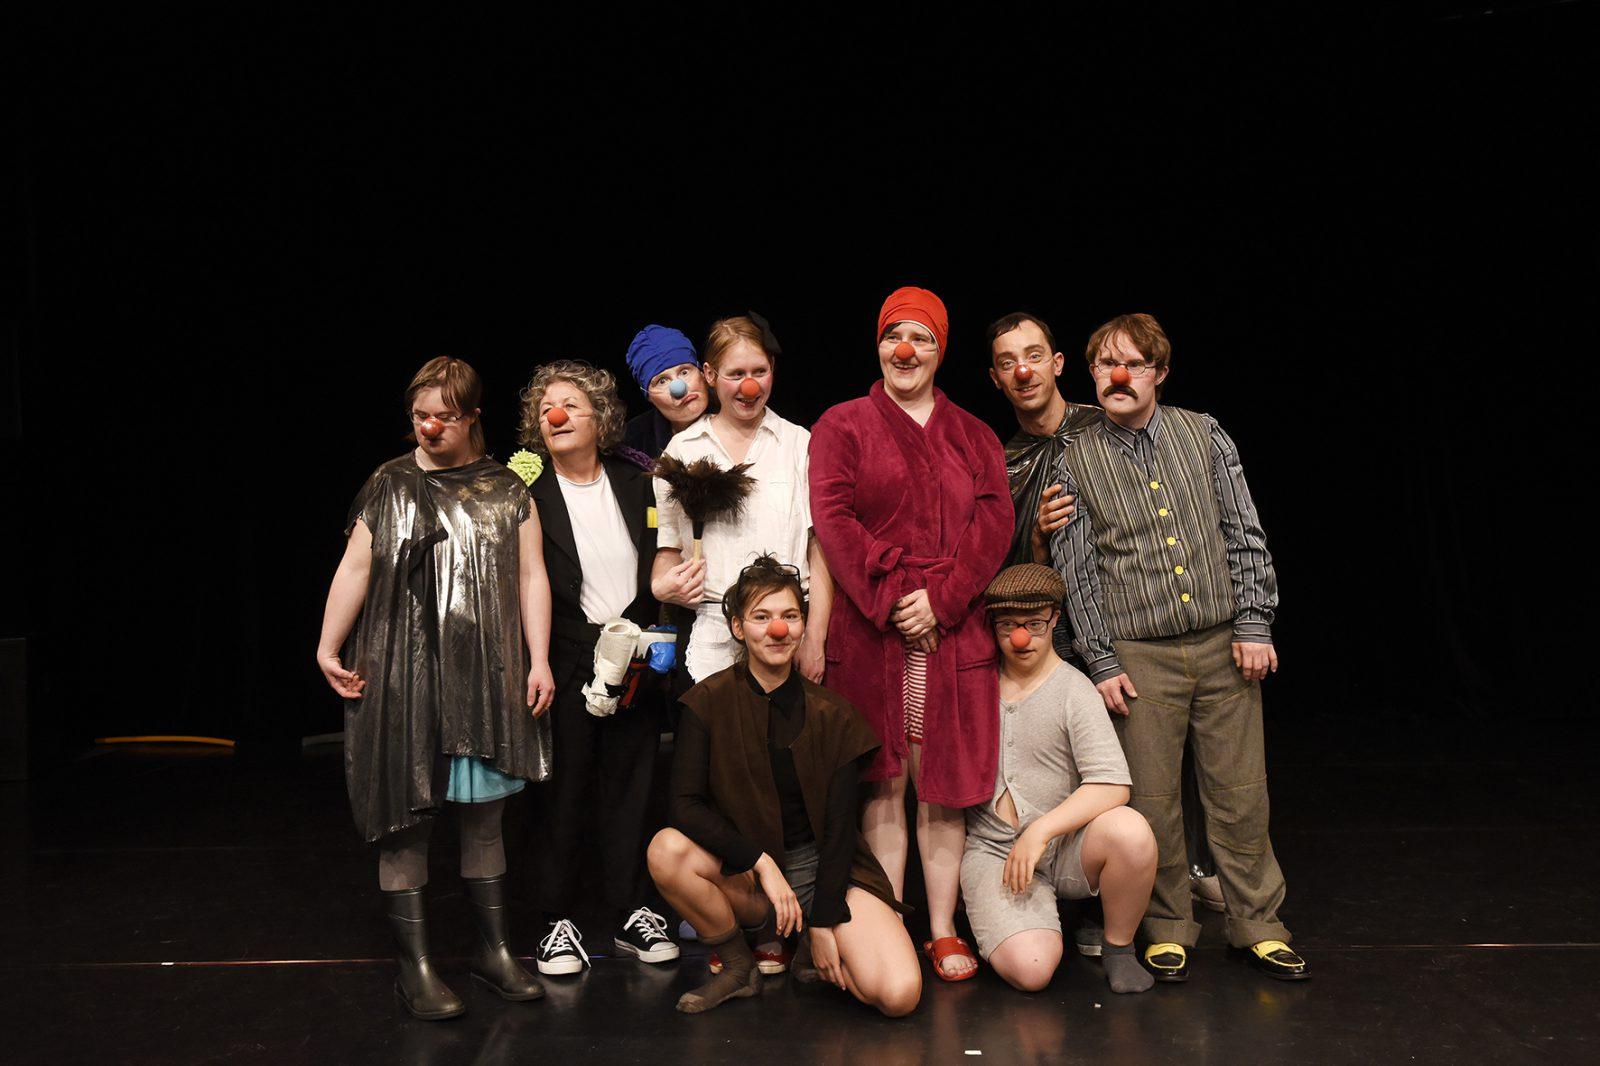 Clownsgruppe